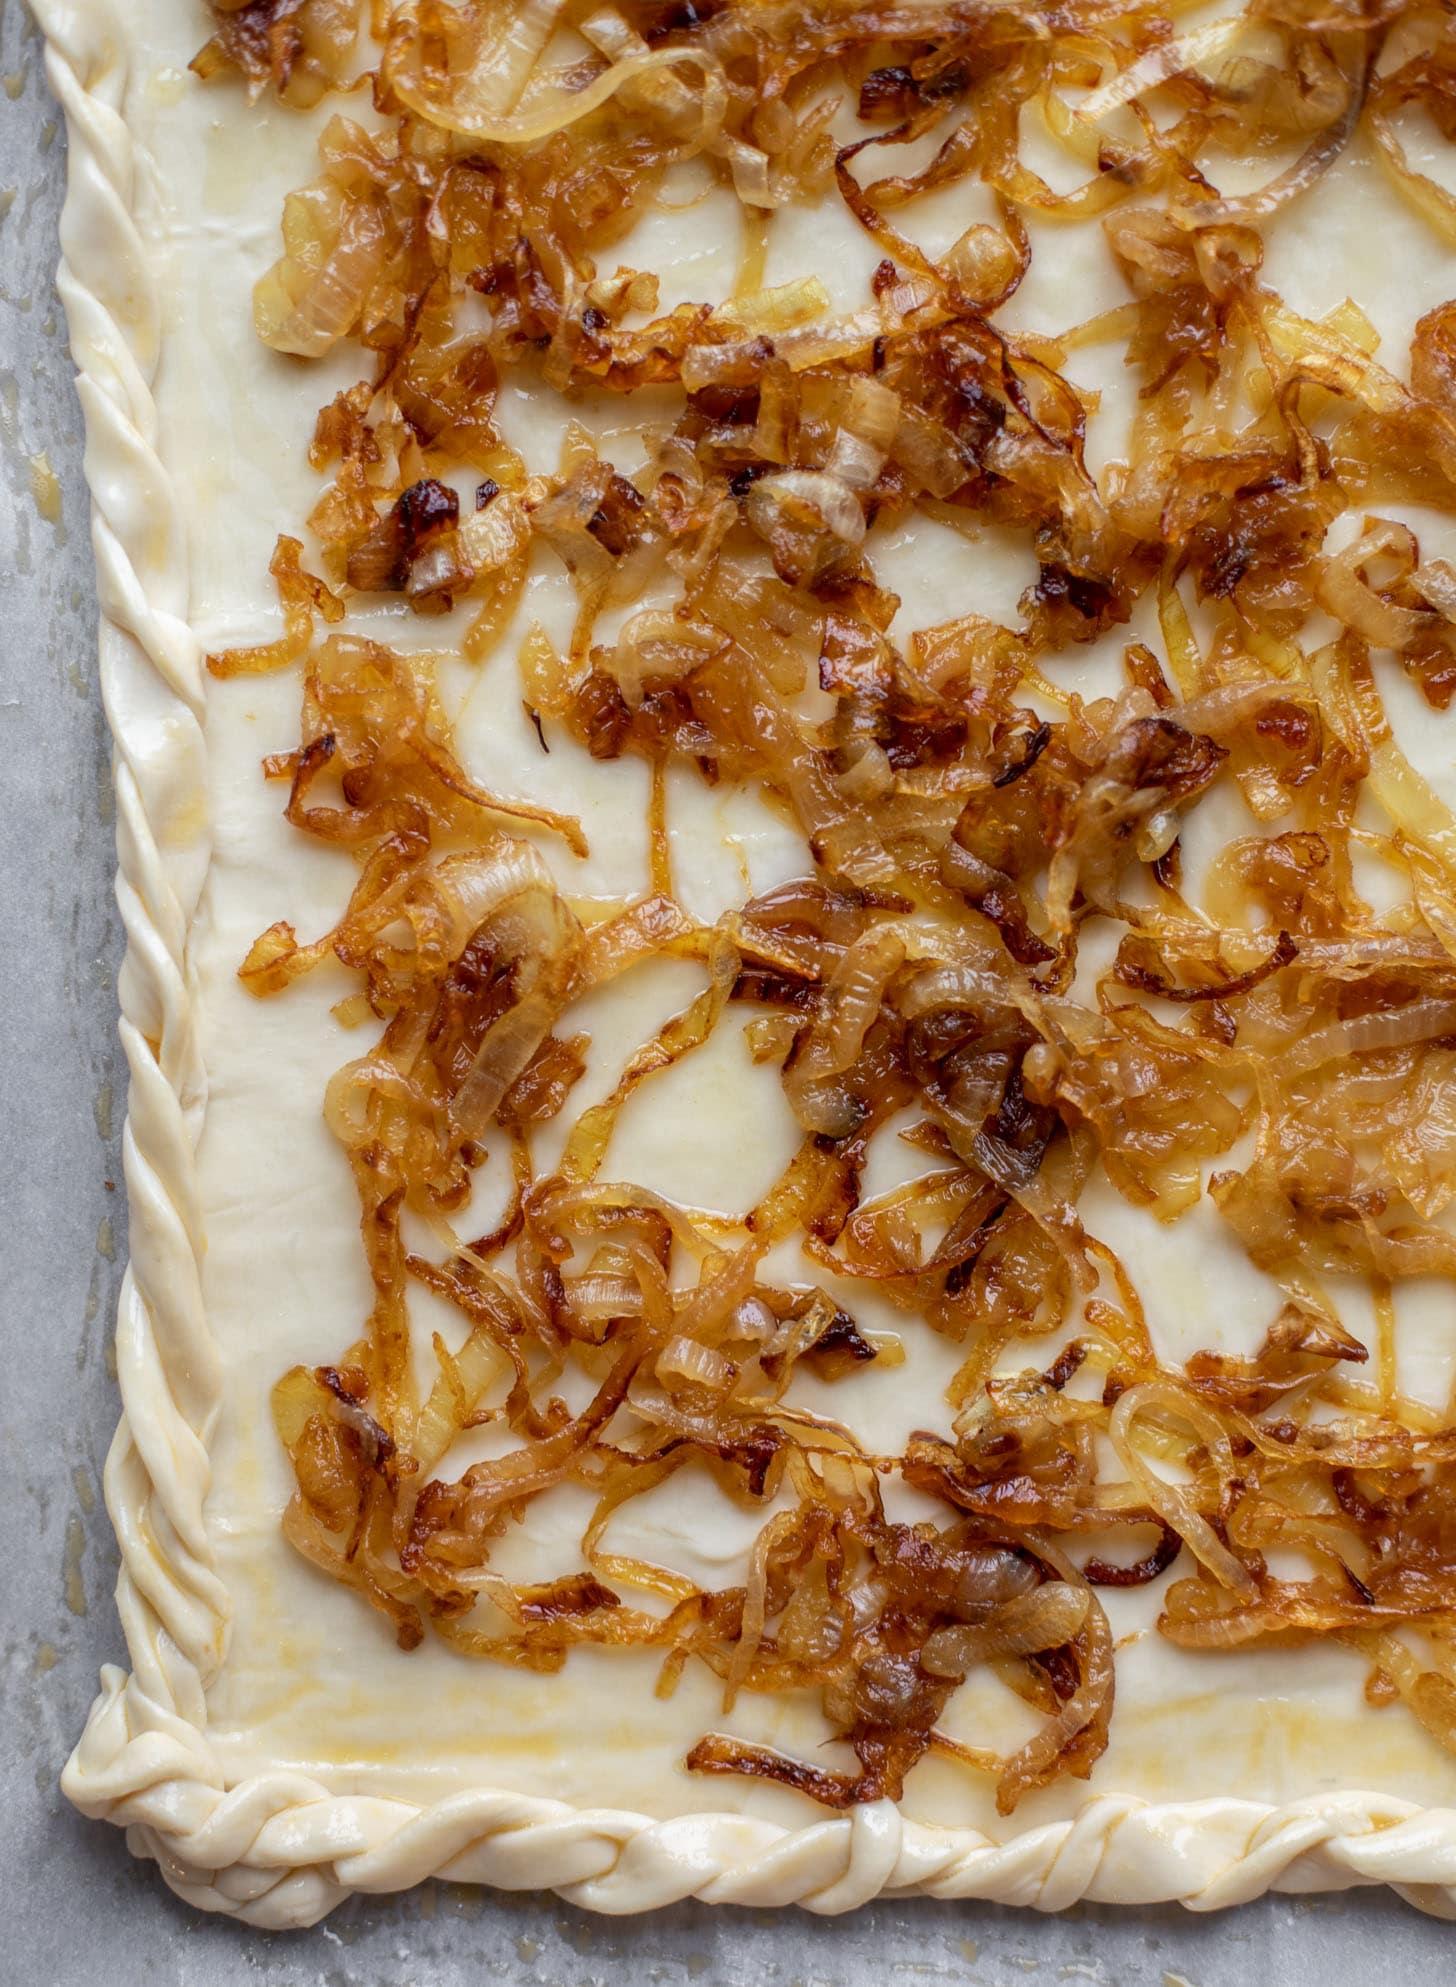 oignons caramélisés sur pâte feuilletée